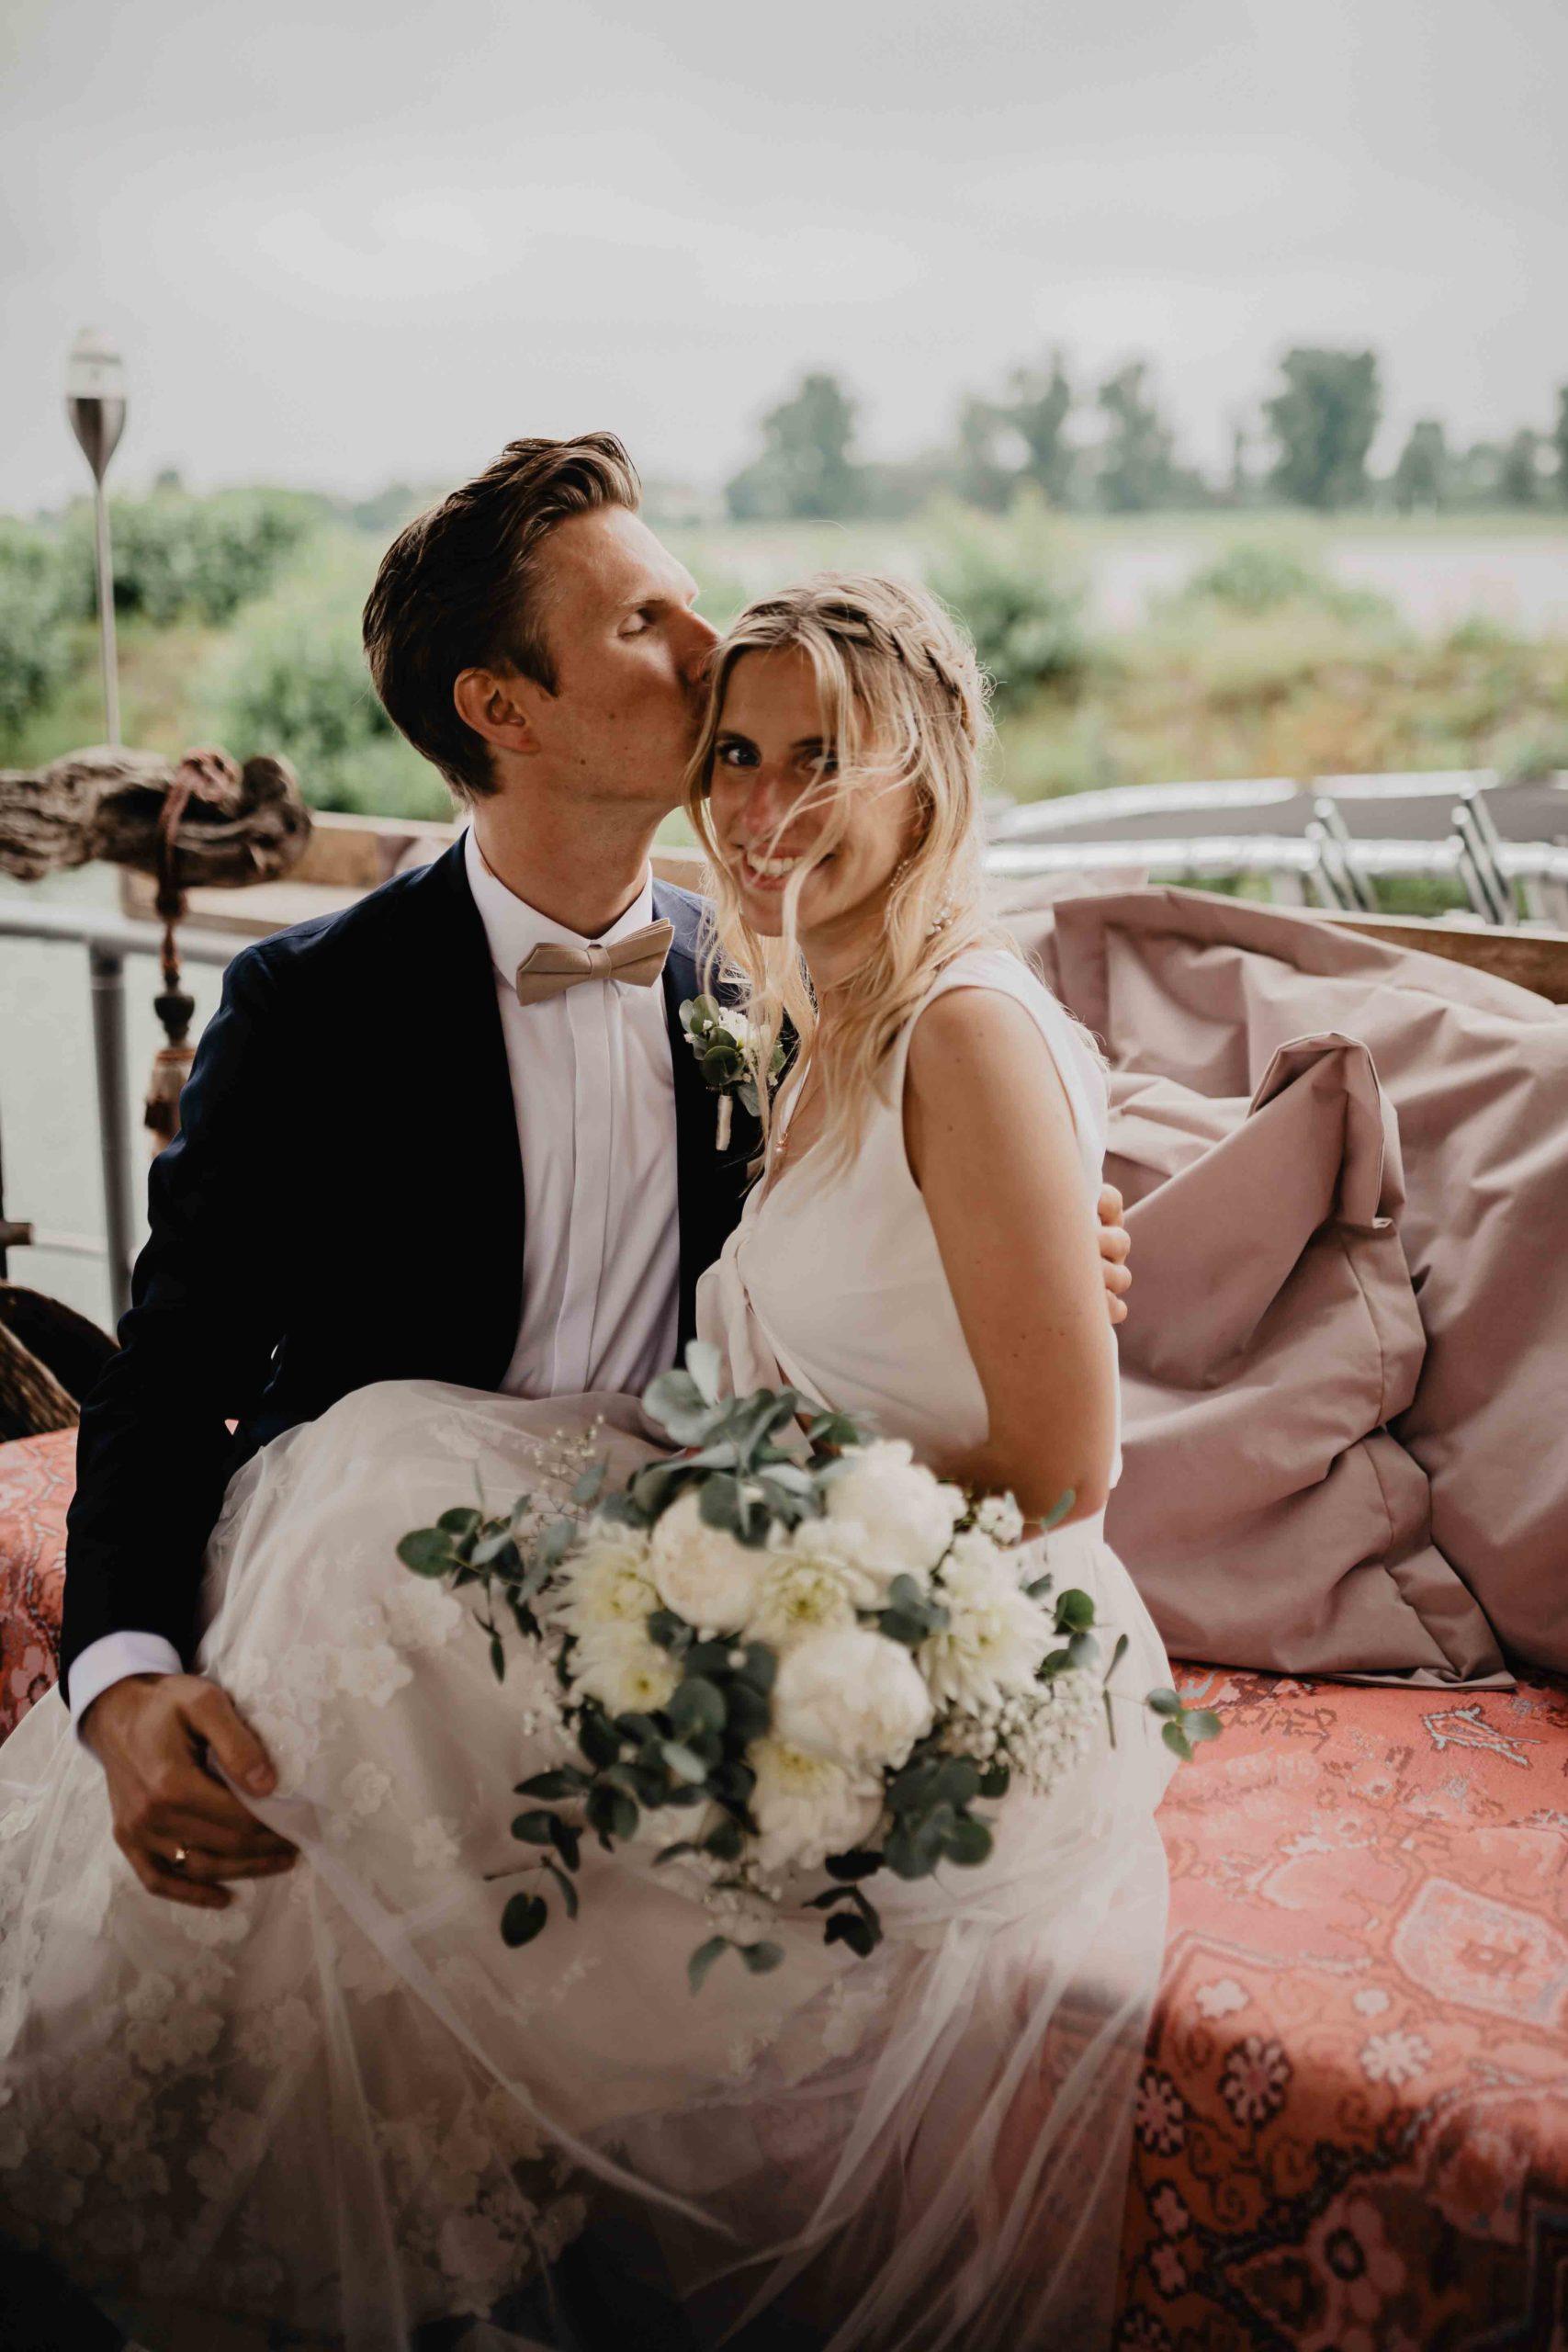 Bräutigam küsst Braut auf Sitrn